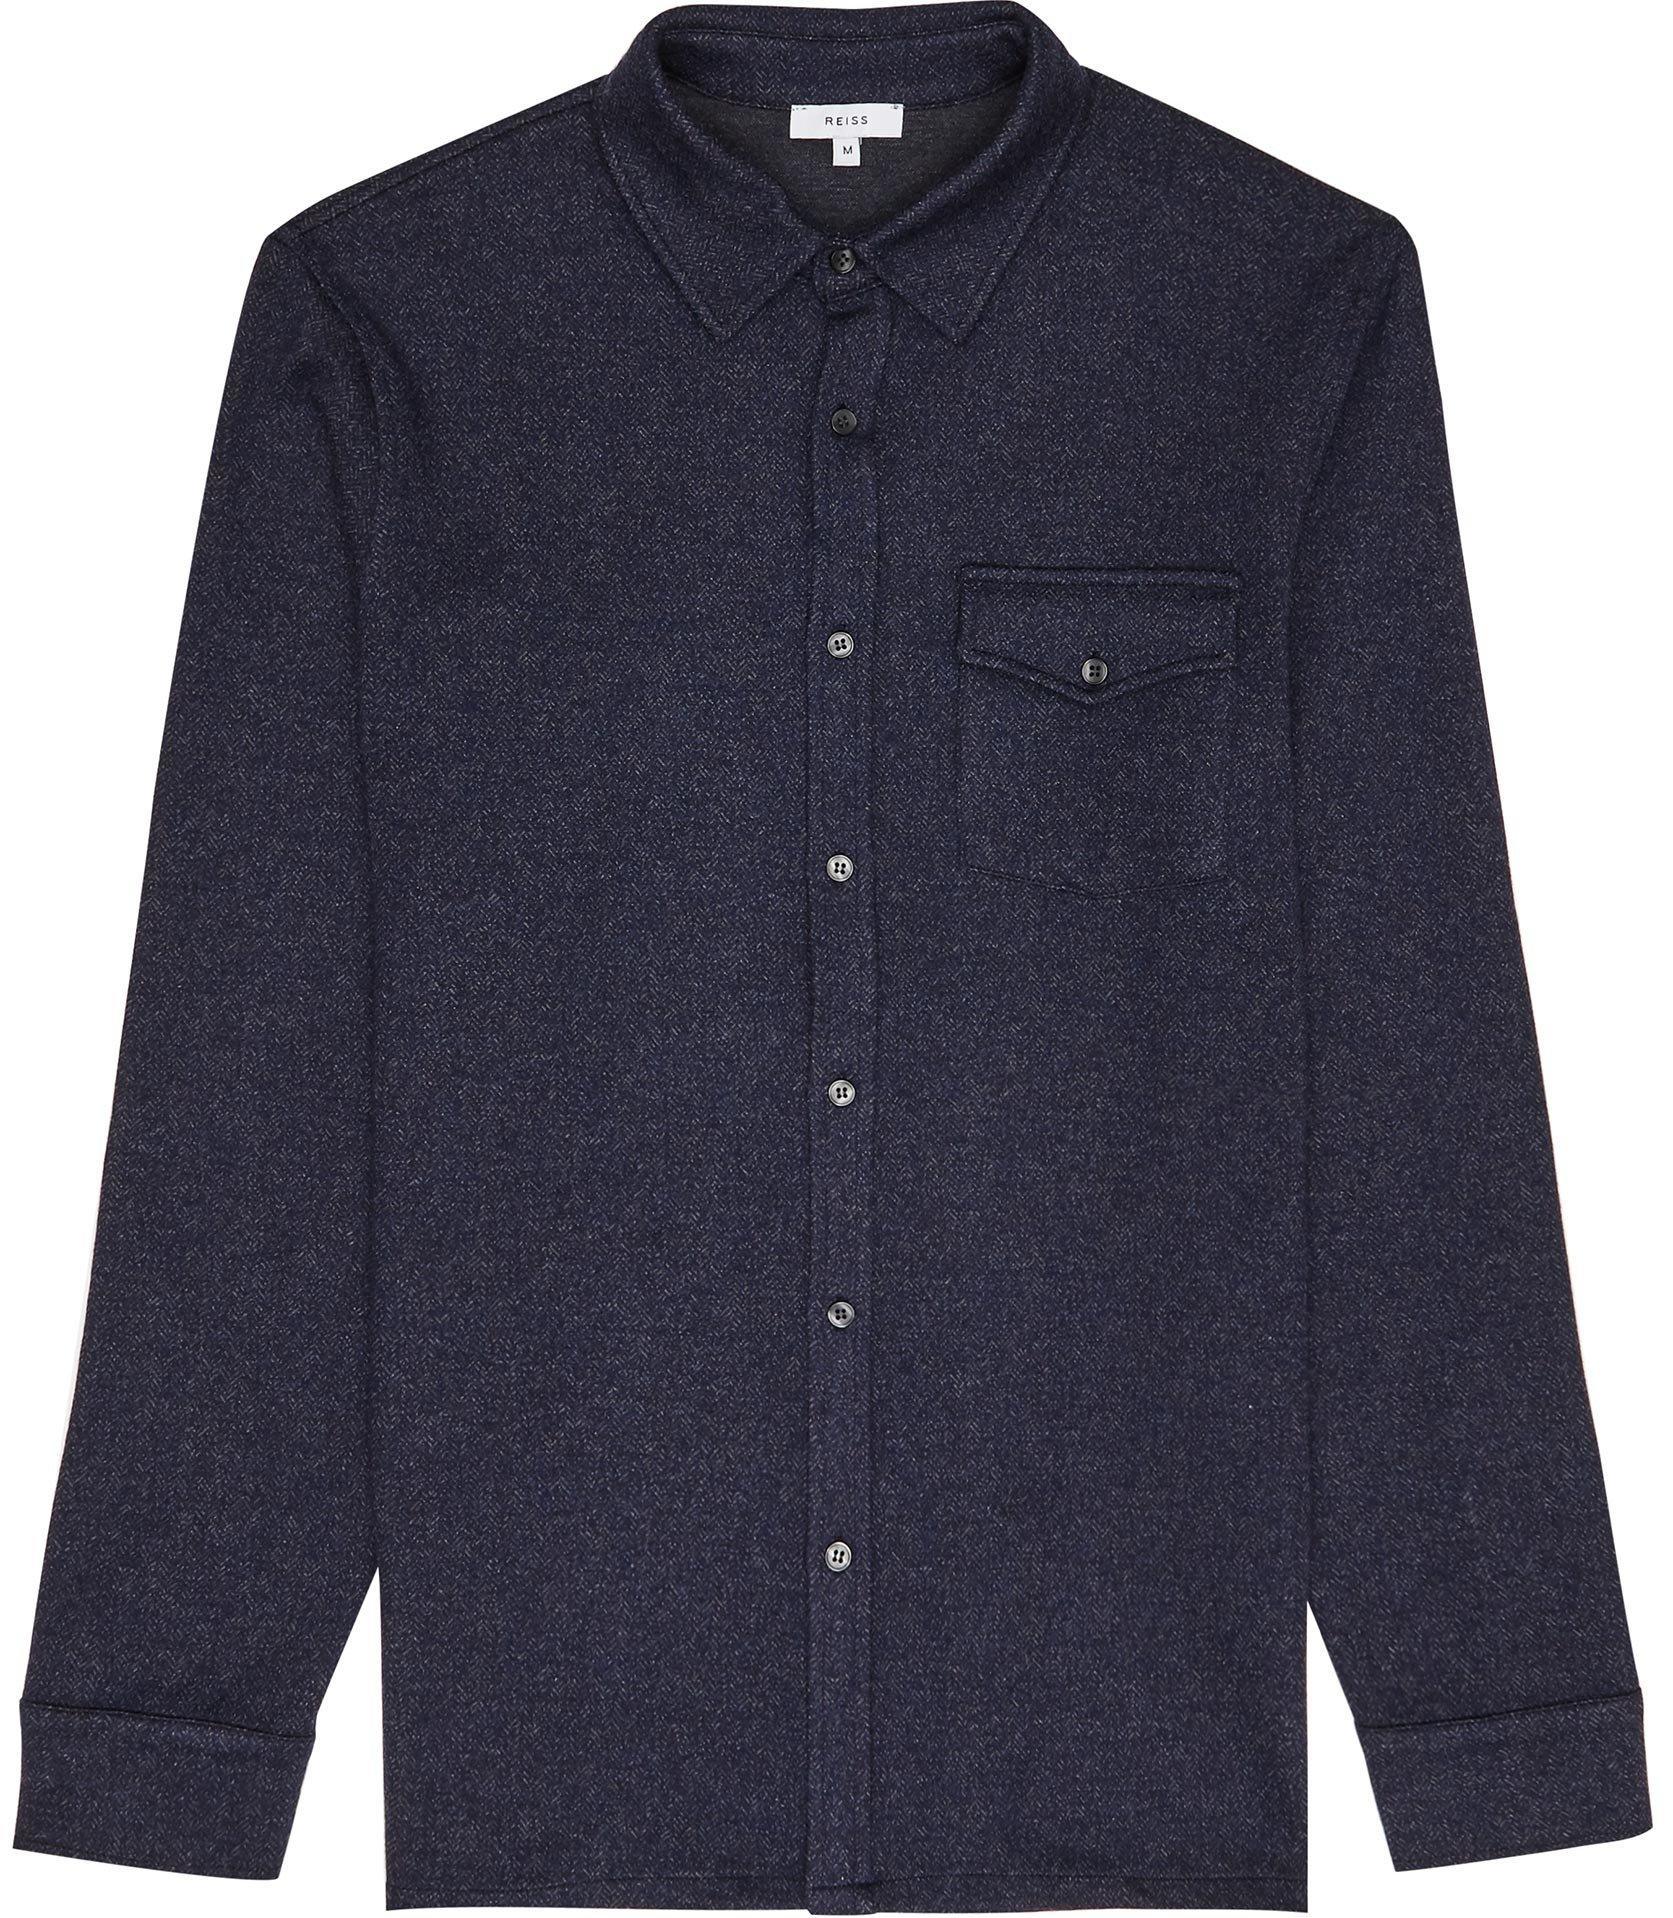 Reiss Denim Somerset - Herringbone Overshirt in Navy (Blue) for Men